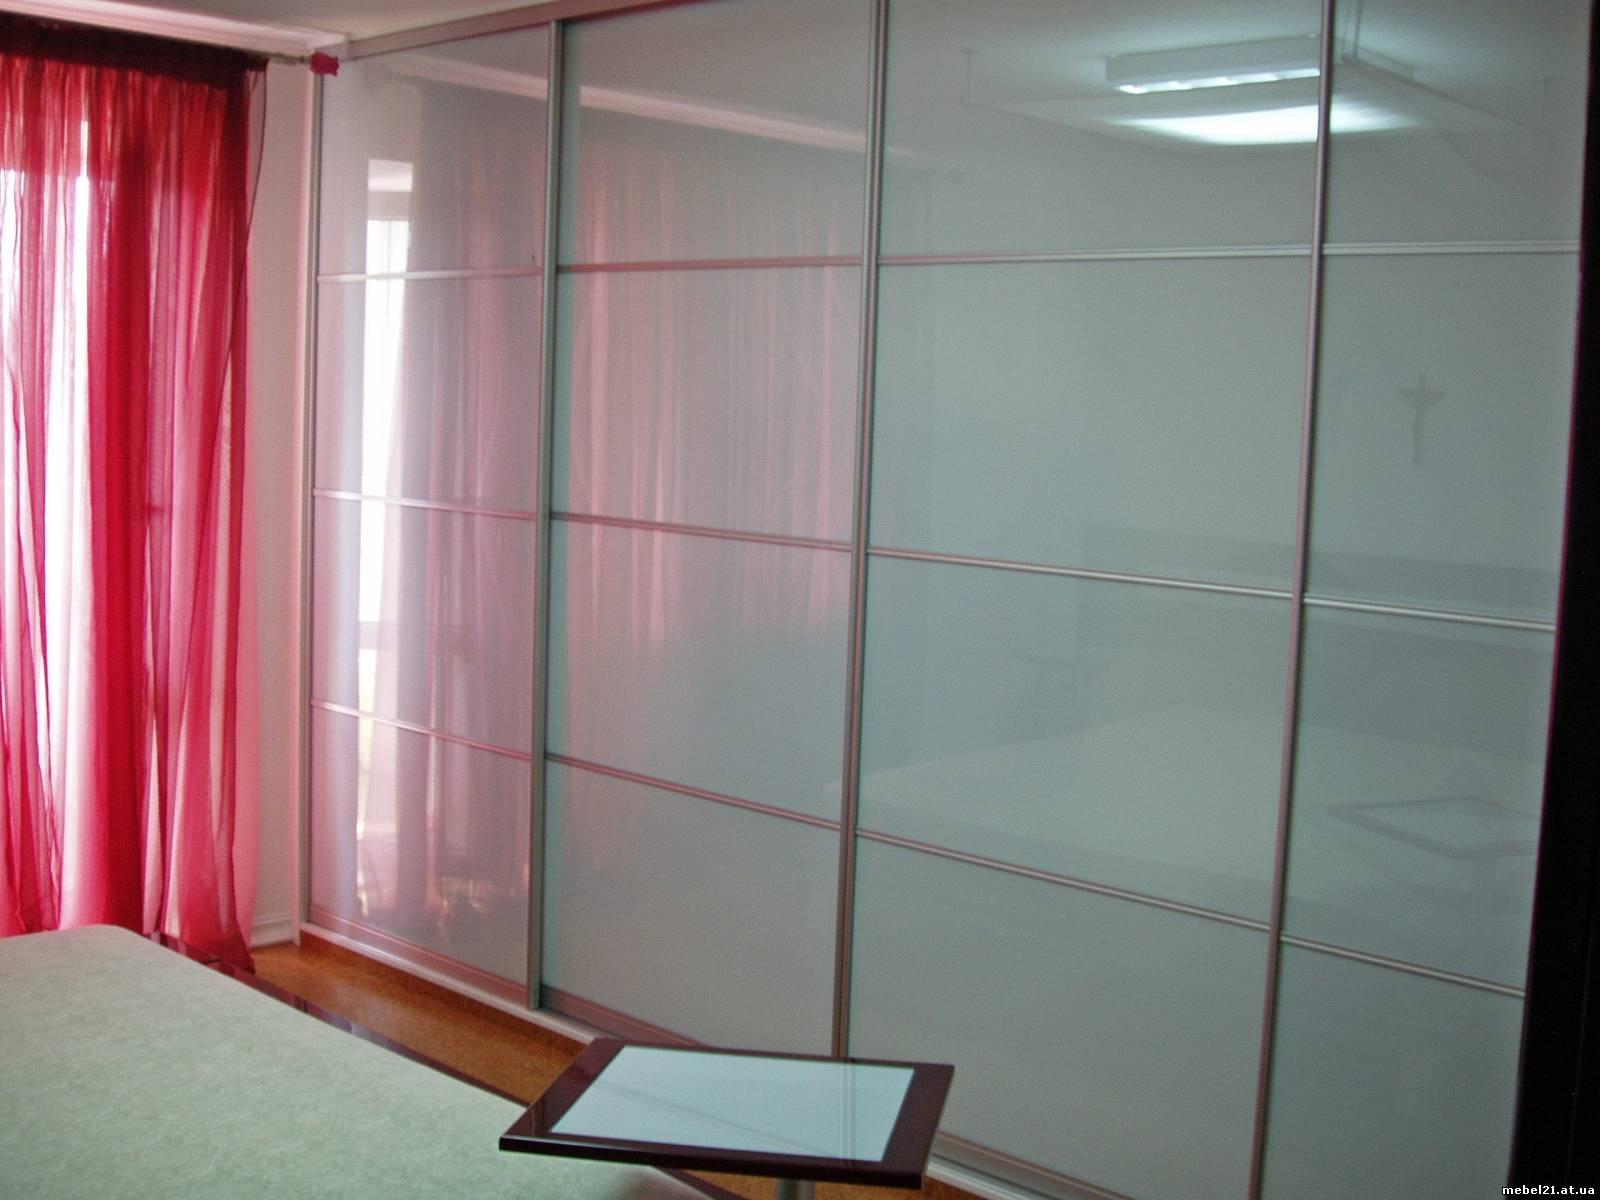 Мебель - кухни, шкафы купе: зеркальные двери для шкафов купе.